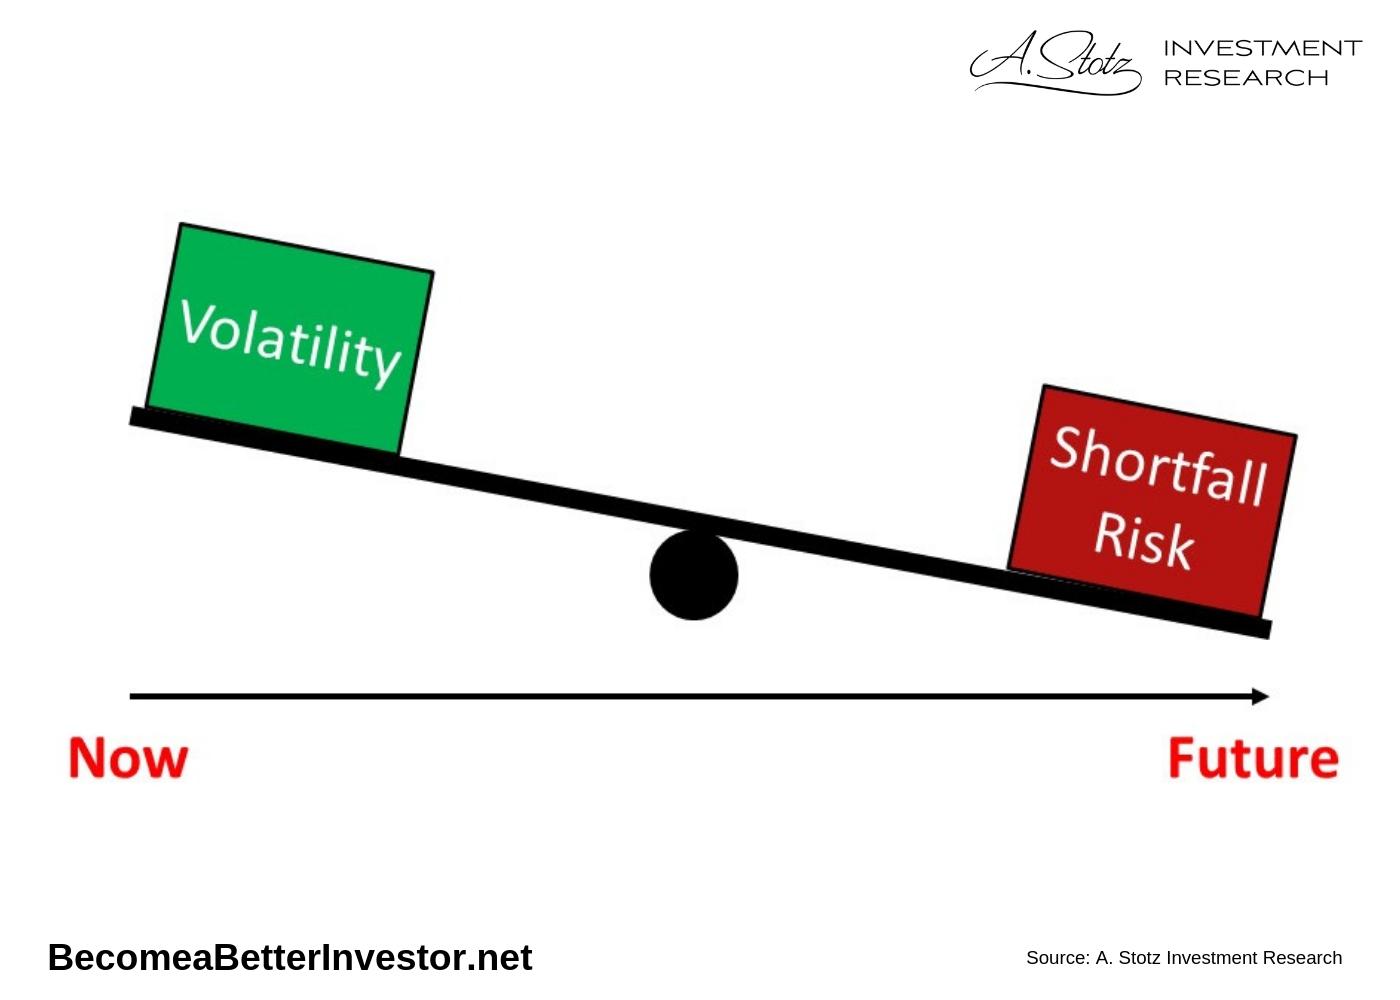 ความเสี่ยง 2 ประเภทในการลงทุน: มีประเภทหนึ่งสำคัญ และเราต้องให้ความสนใจ!